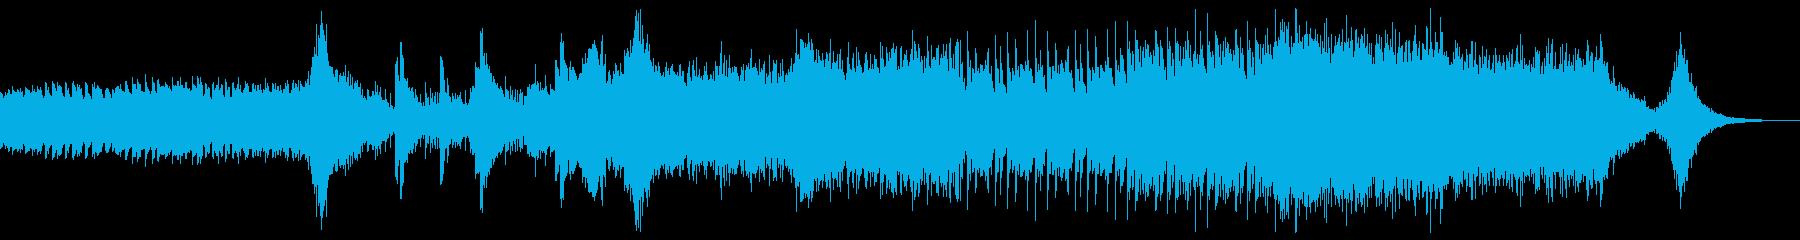 軽快且つ、少し不気味なBGMの再生済みの波形